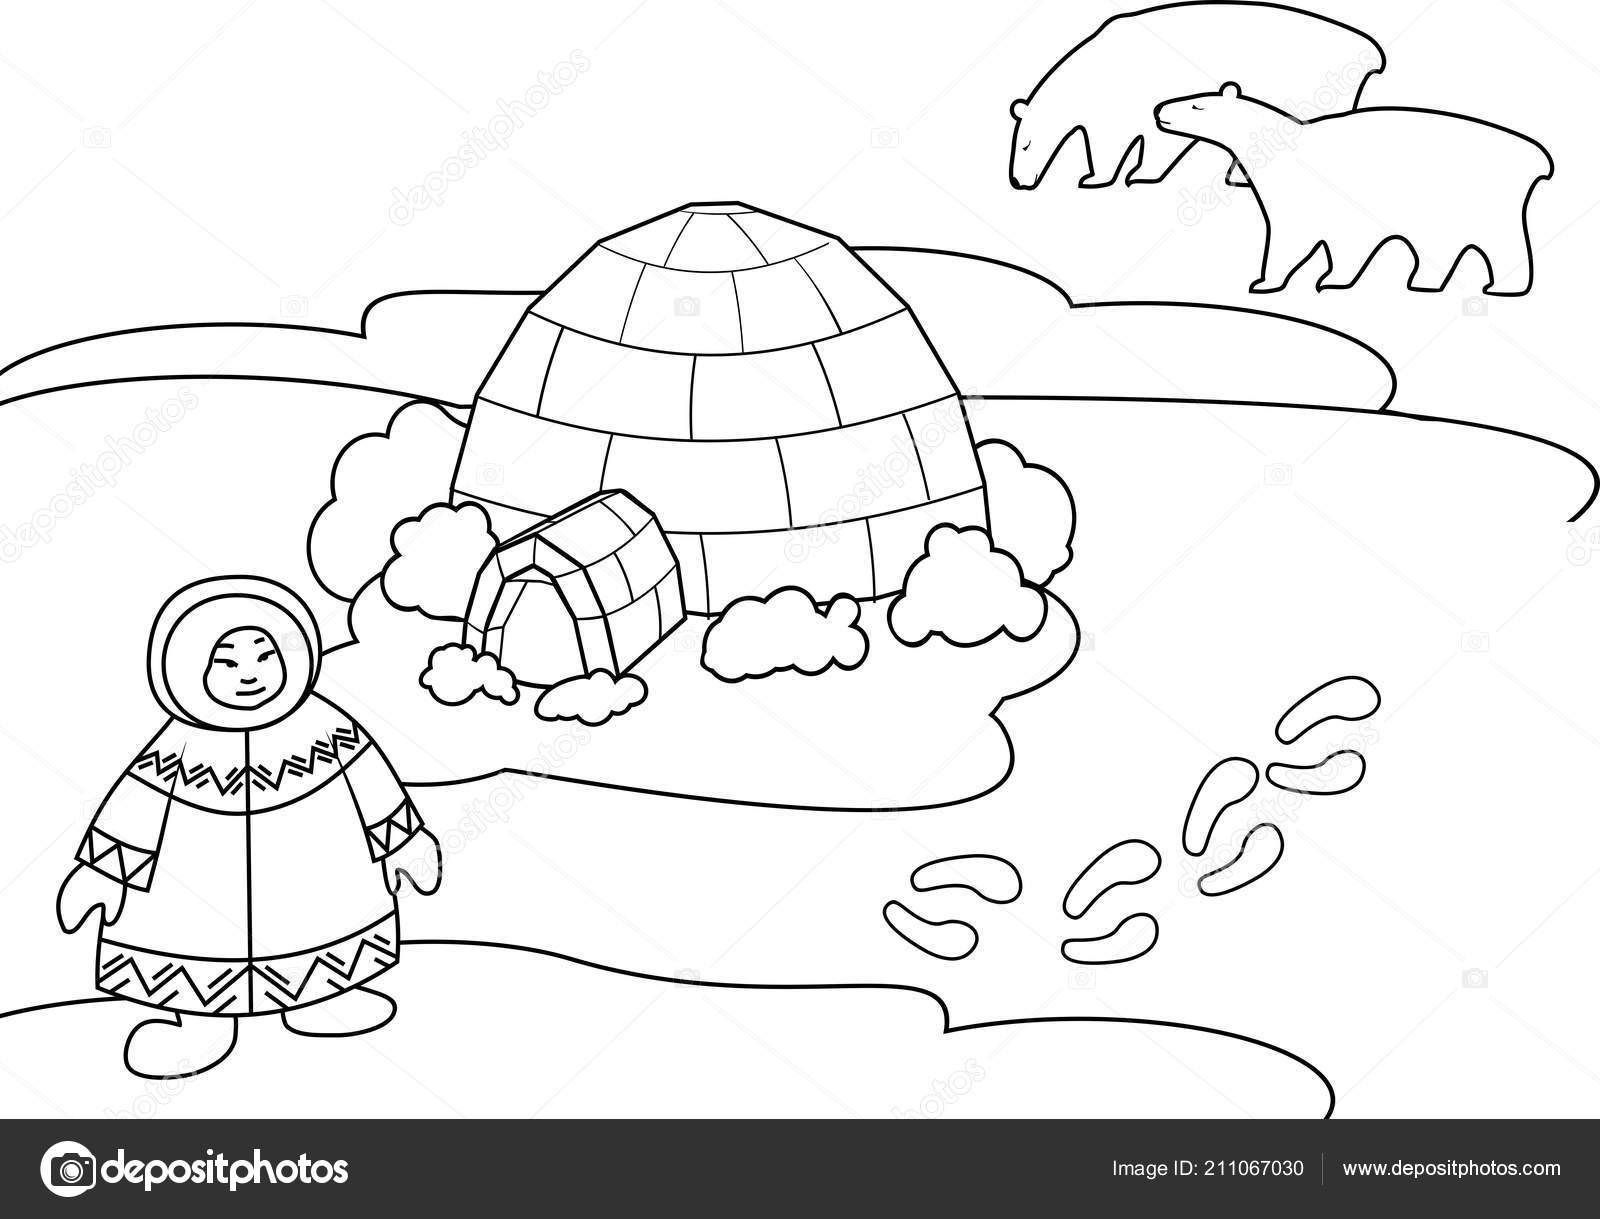 Boyama Sayfası Ulusal Giysiler Eskimo Stilize Kutup Ayısı Eskimo Ile